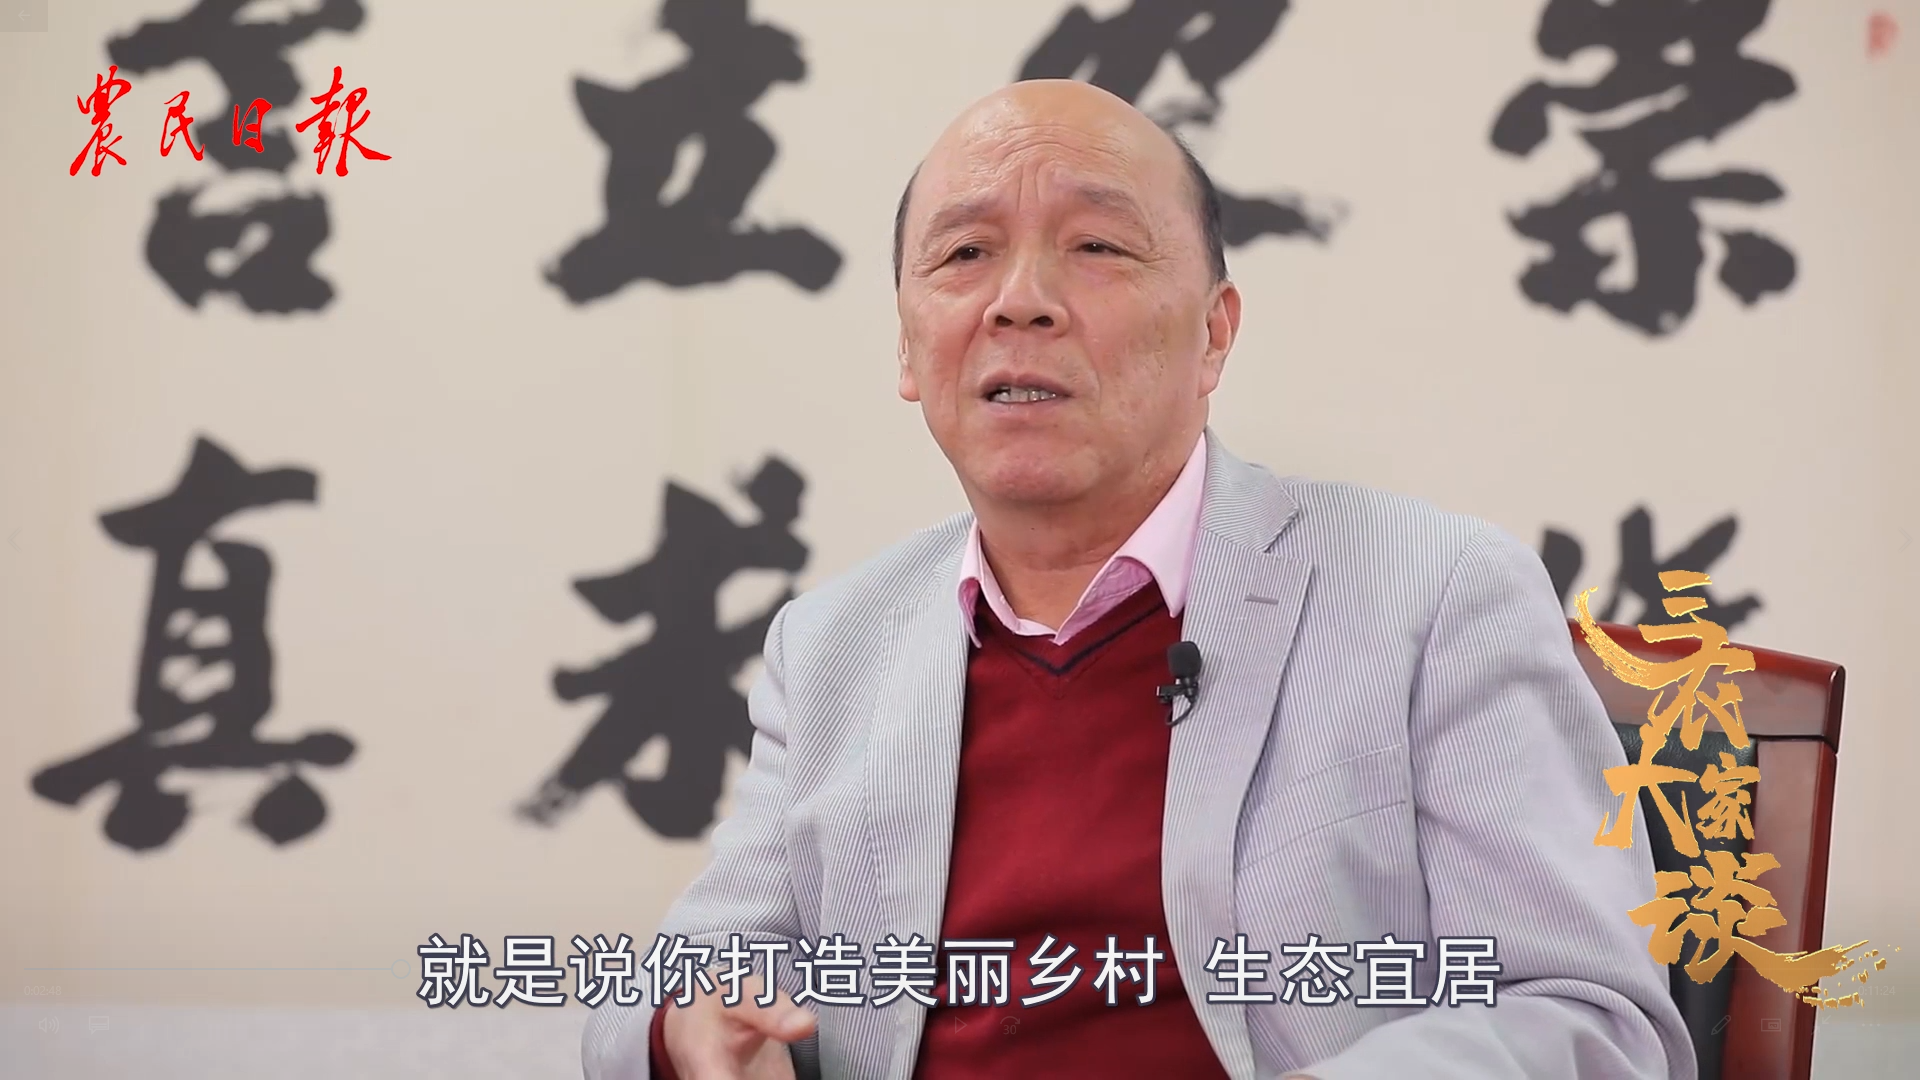 【三农大家谈】第2季第6期:黄祖辉(下)